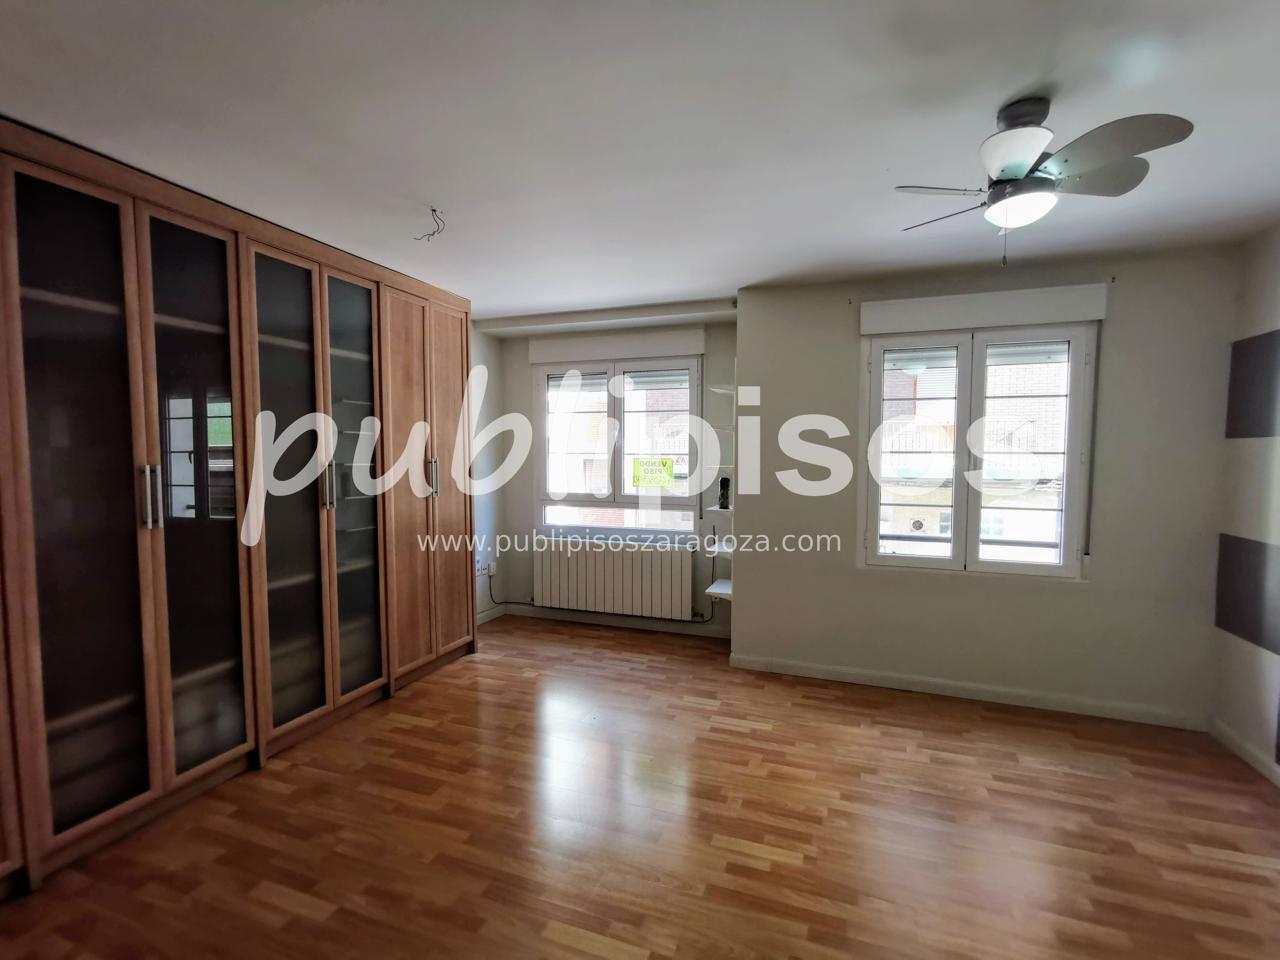 Piso en venta en Zaragoza de 90 m2-26